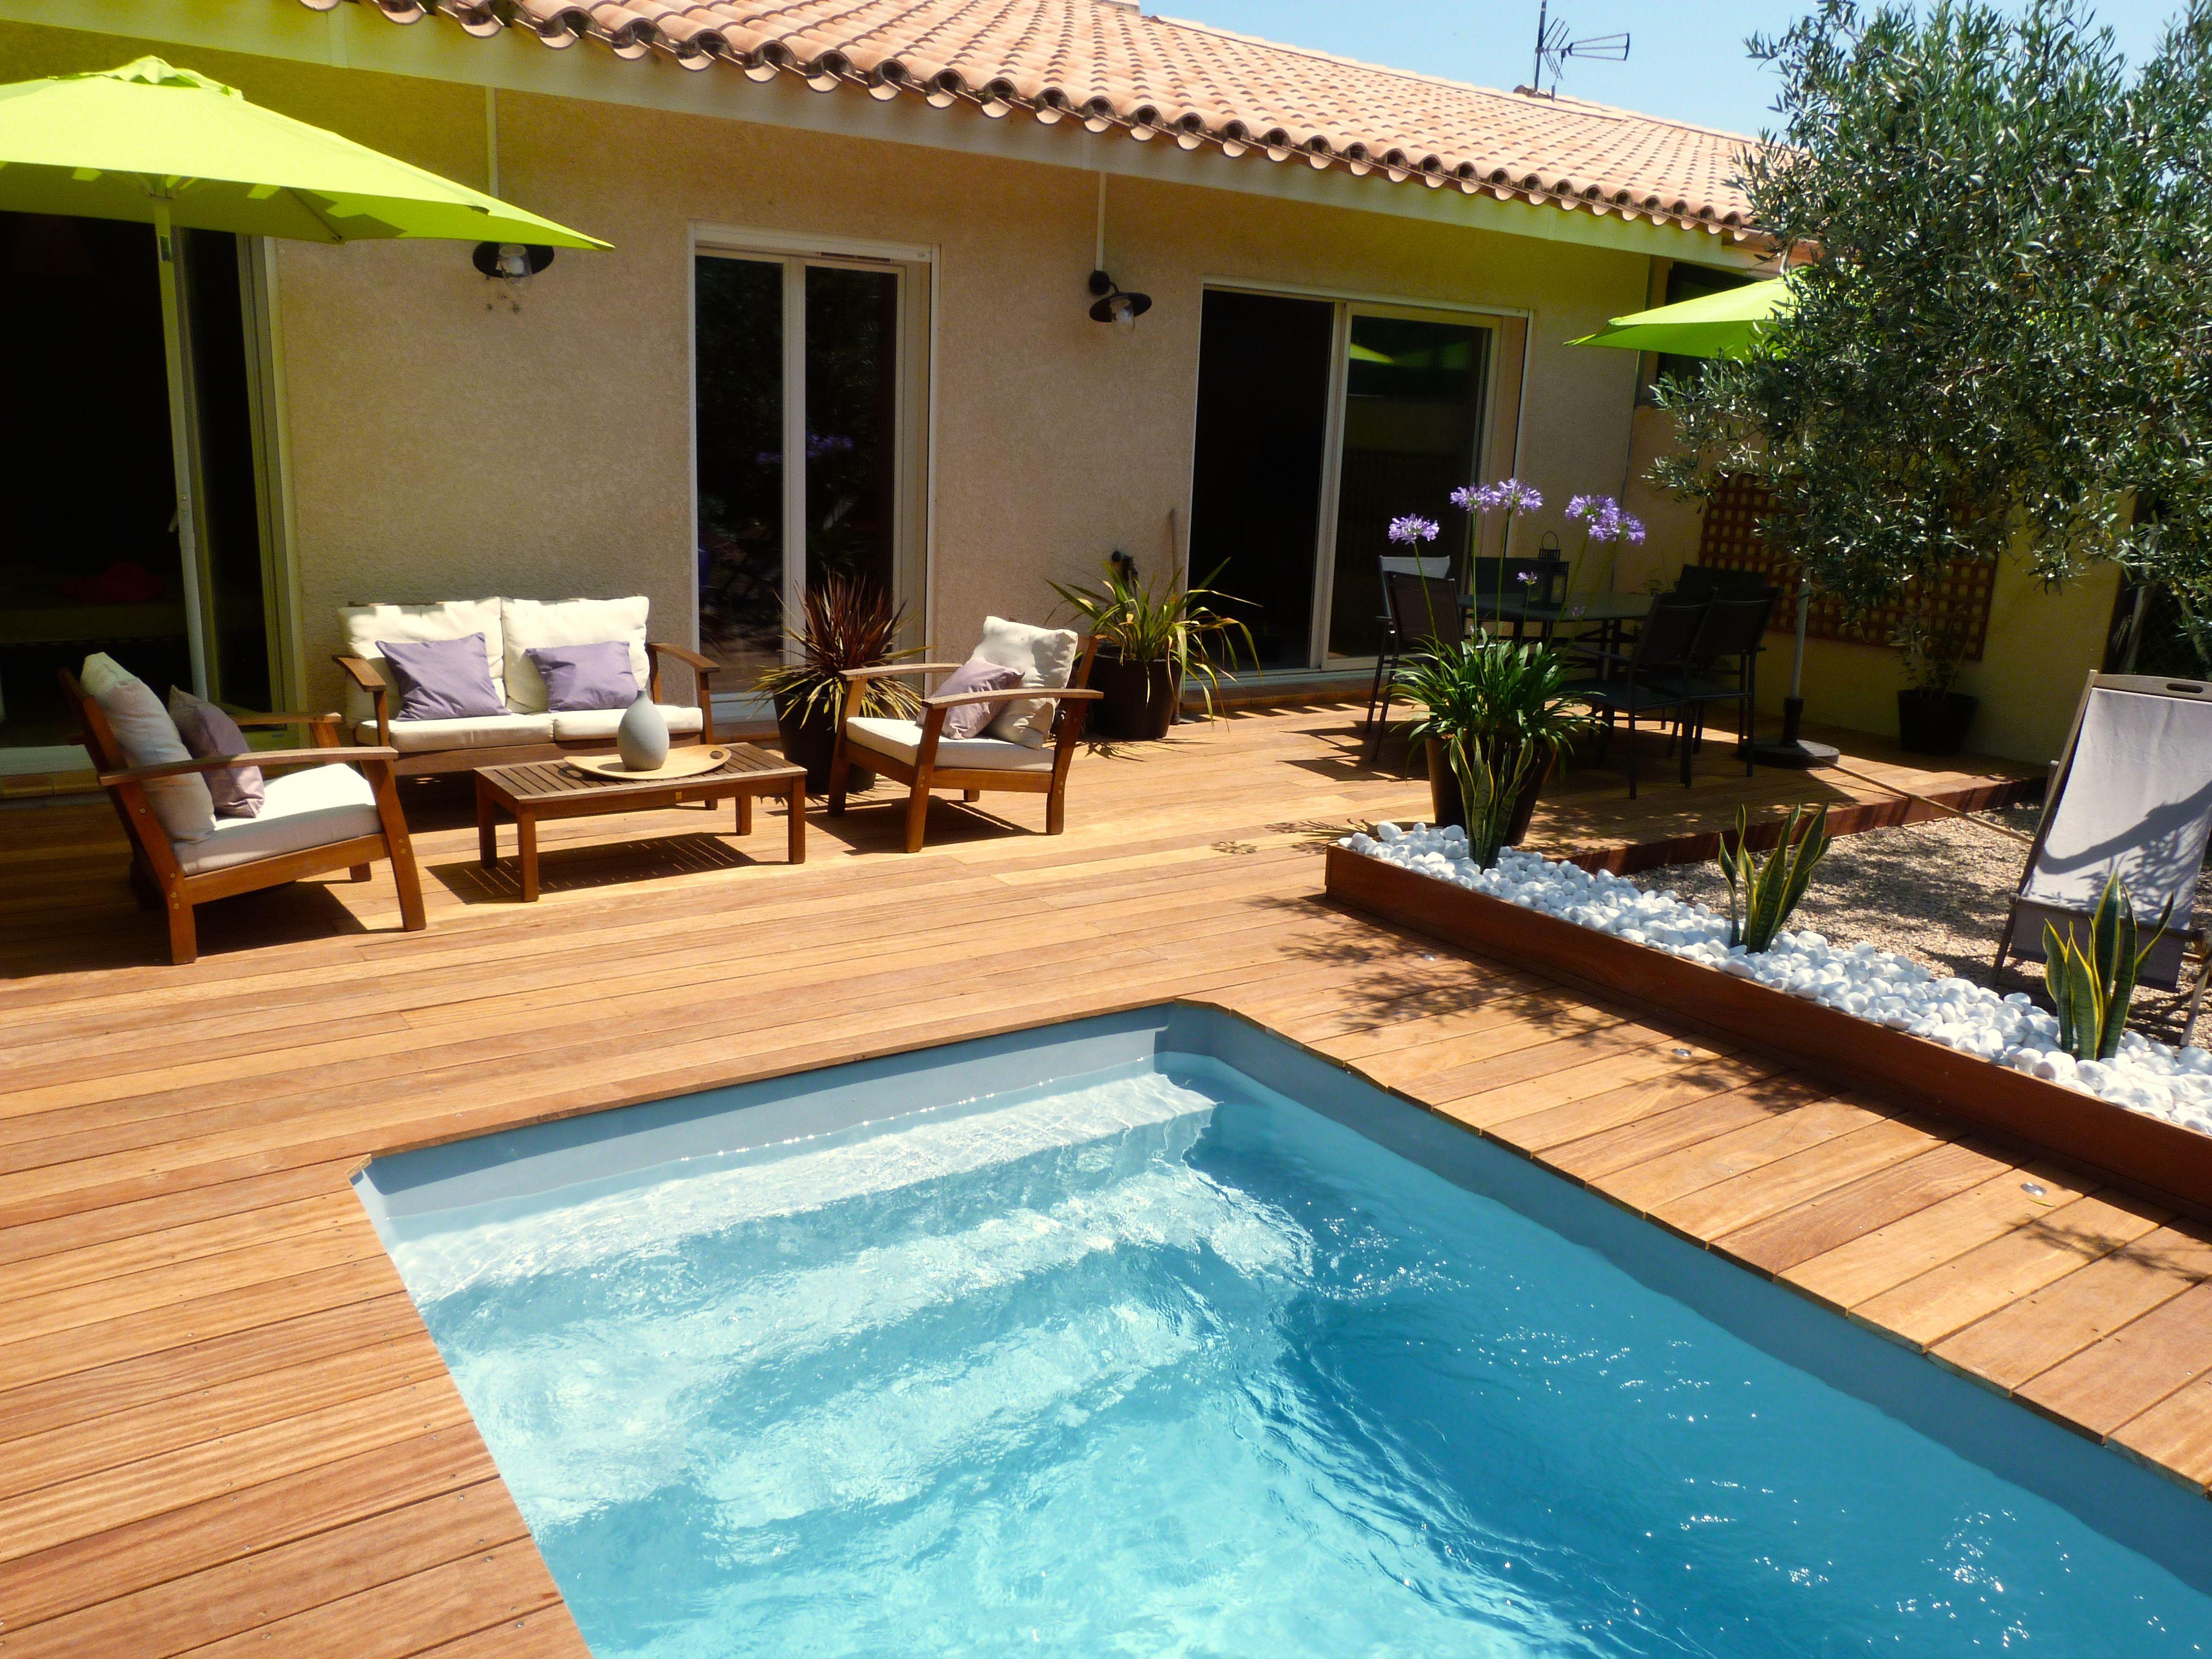 piscine coque giens (génération piscine) et terrasse en bois cumaru